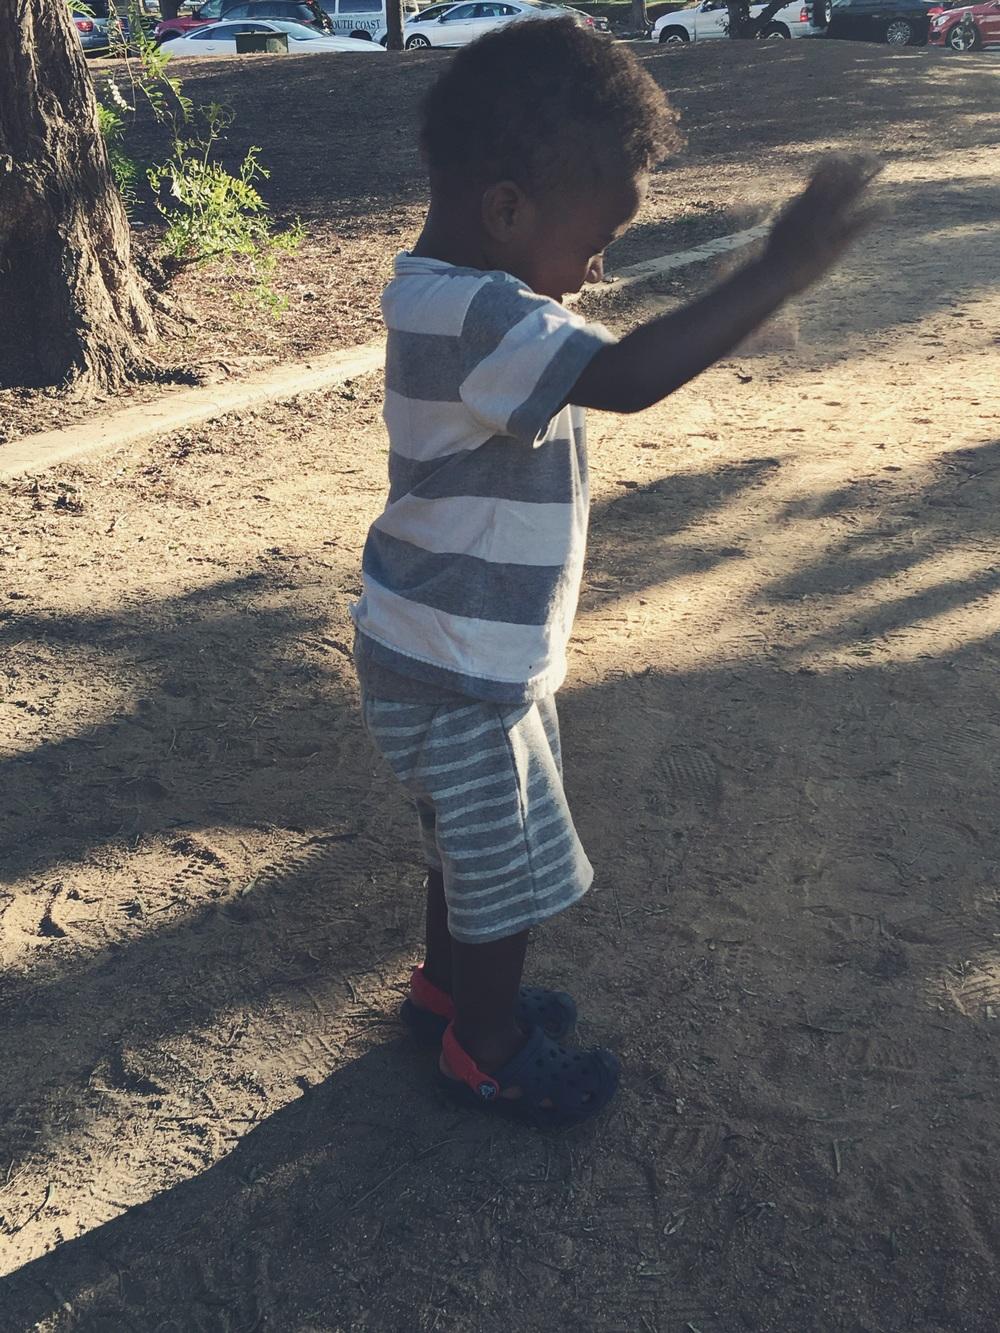 Playing in dirt at La Cuenga Park